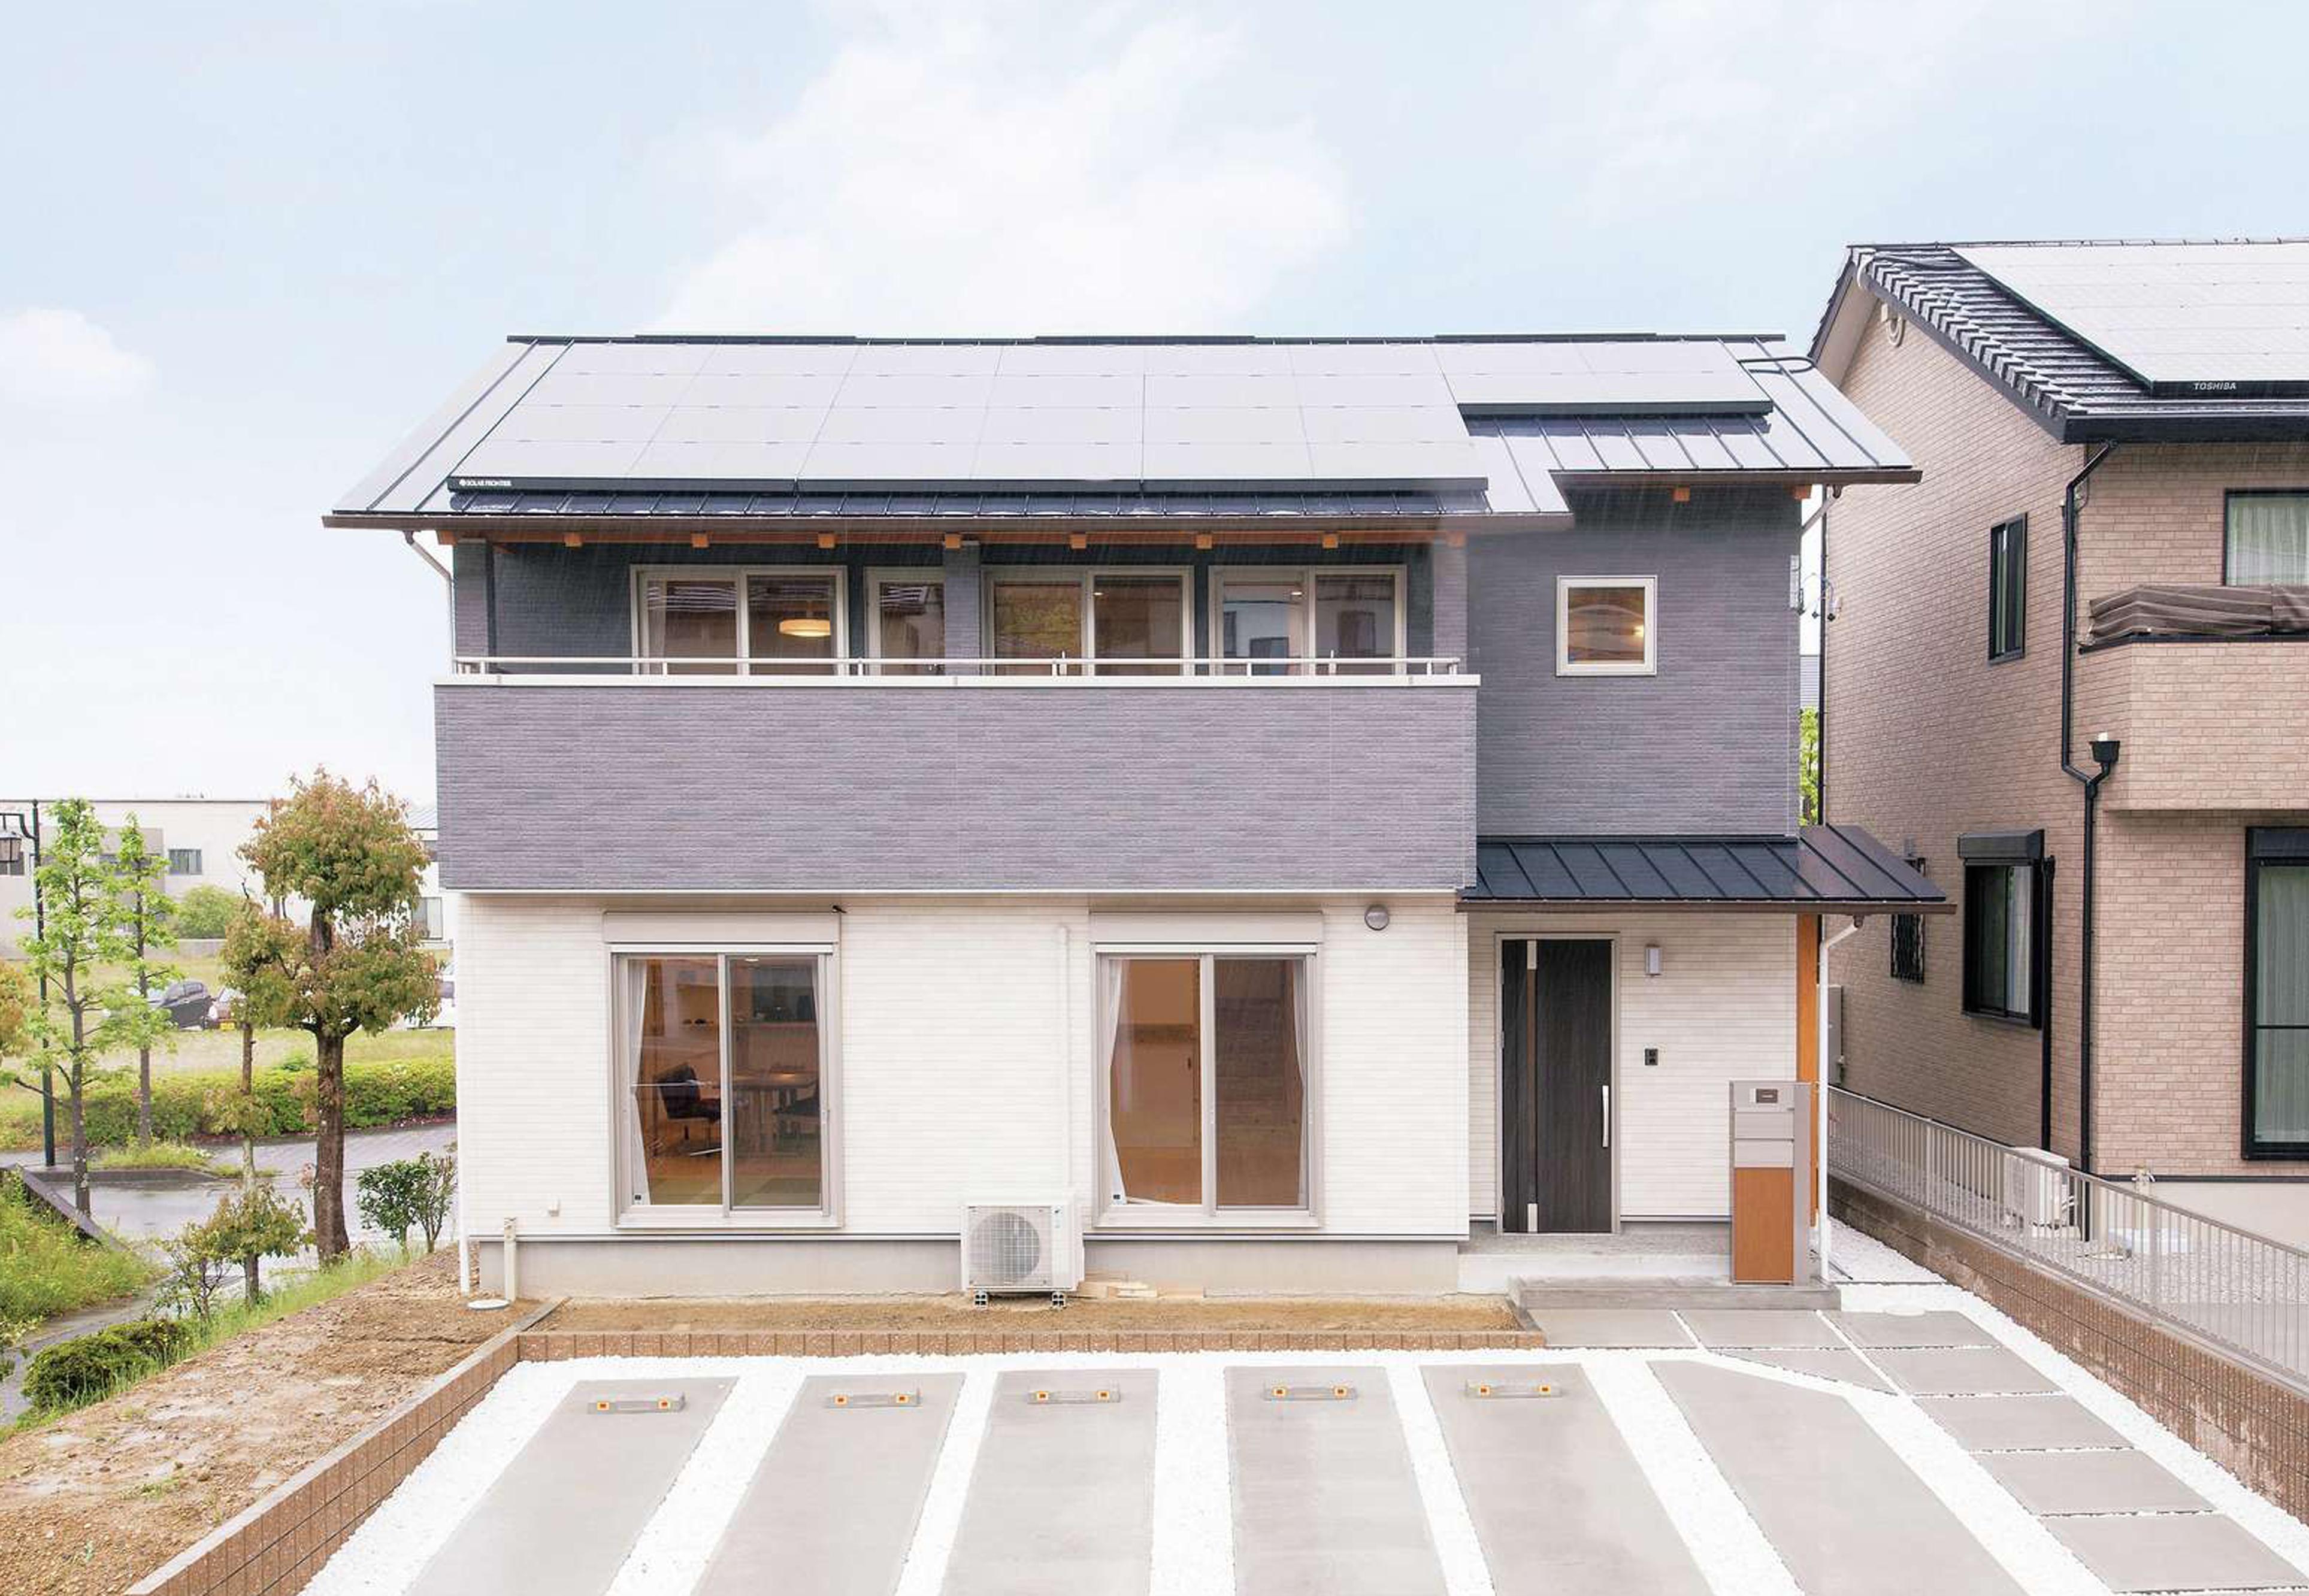 田畑工事【自然素材、省エネ、間取り】「雨楽な家+ZEH」の外観。約4.8kWの太陽光発電を搭載。2階の軒を深くして夏の直射日光を遮り、冬は斜めから射す日をたっぷりとりこめるようにした